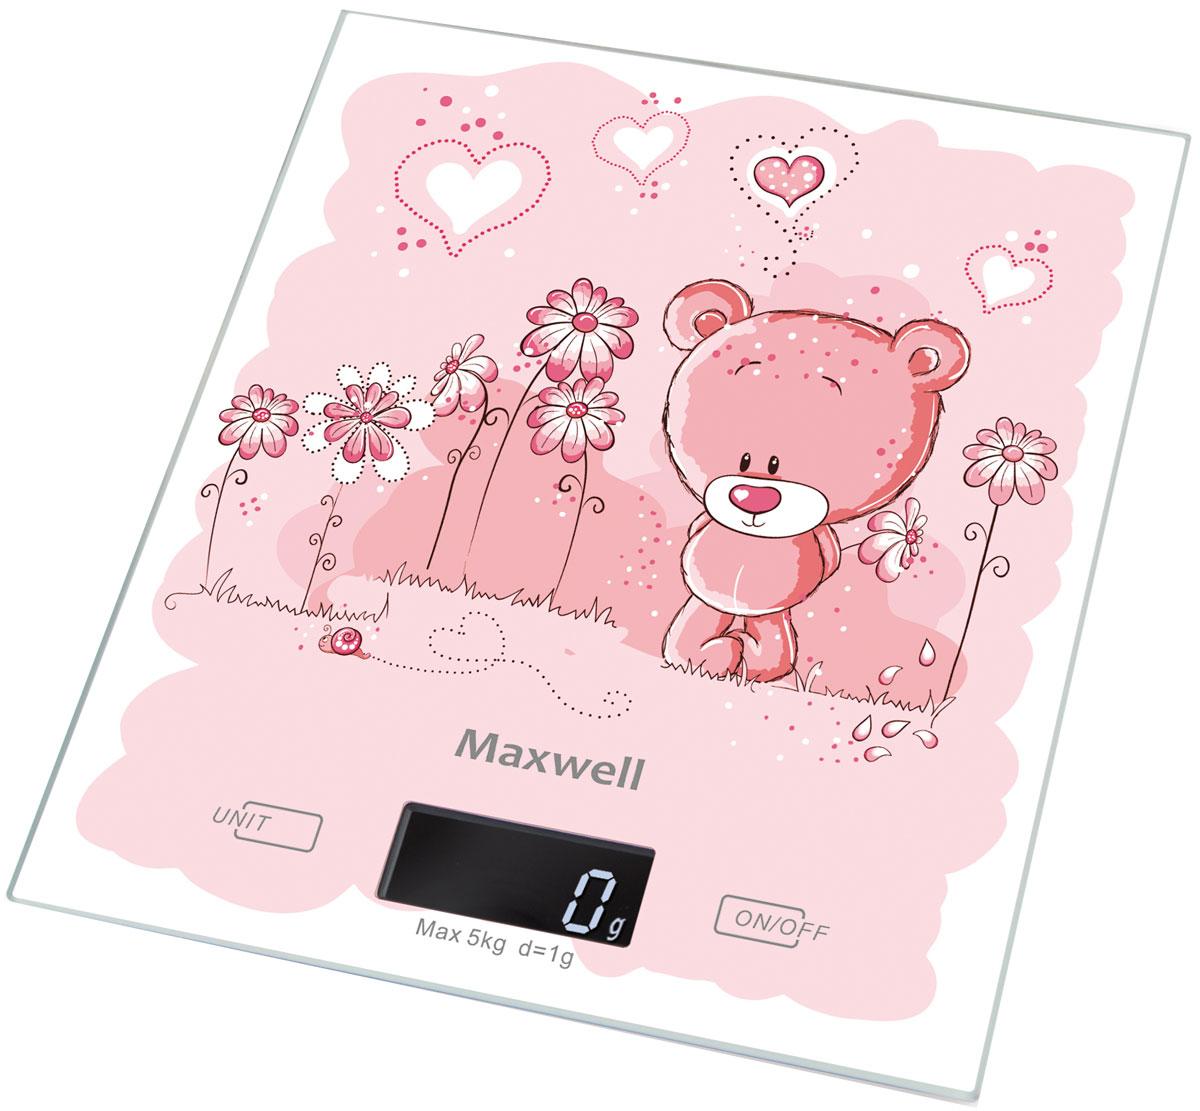 Maxwell MW-1477(PK) весы кухонныеMW-1477(PK)Кухонные электронные весы Maxwell MW-1477(PK) - незаменимый помощник современной хозяйки. Они помогут точно взвесить любые продукты и ингредиенты. Кроме того, позволят людям, соблюдающим диету, контролировать количество съедаемой пищи и размеры порций. Предназначены для взвешивания продуктов с точностью измерения 1 грамм.Размер весов: 20 см х 18 смРазмер дисплея: 4,58 см х 1,7 см